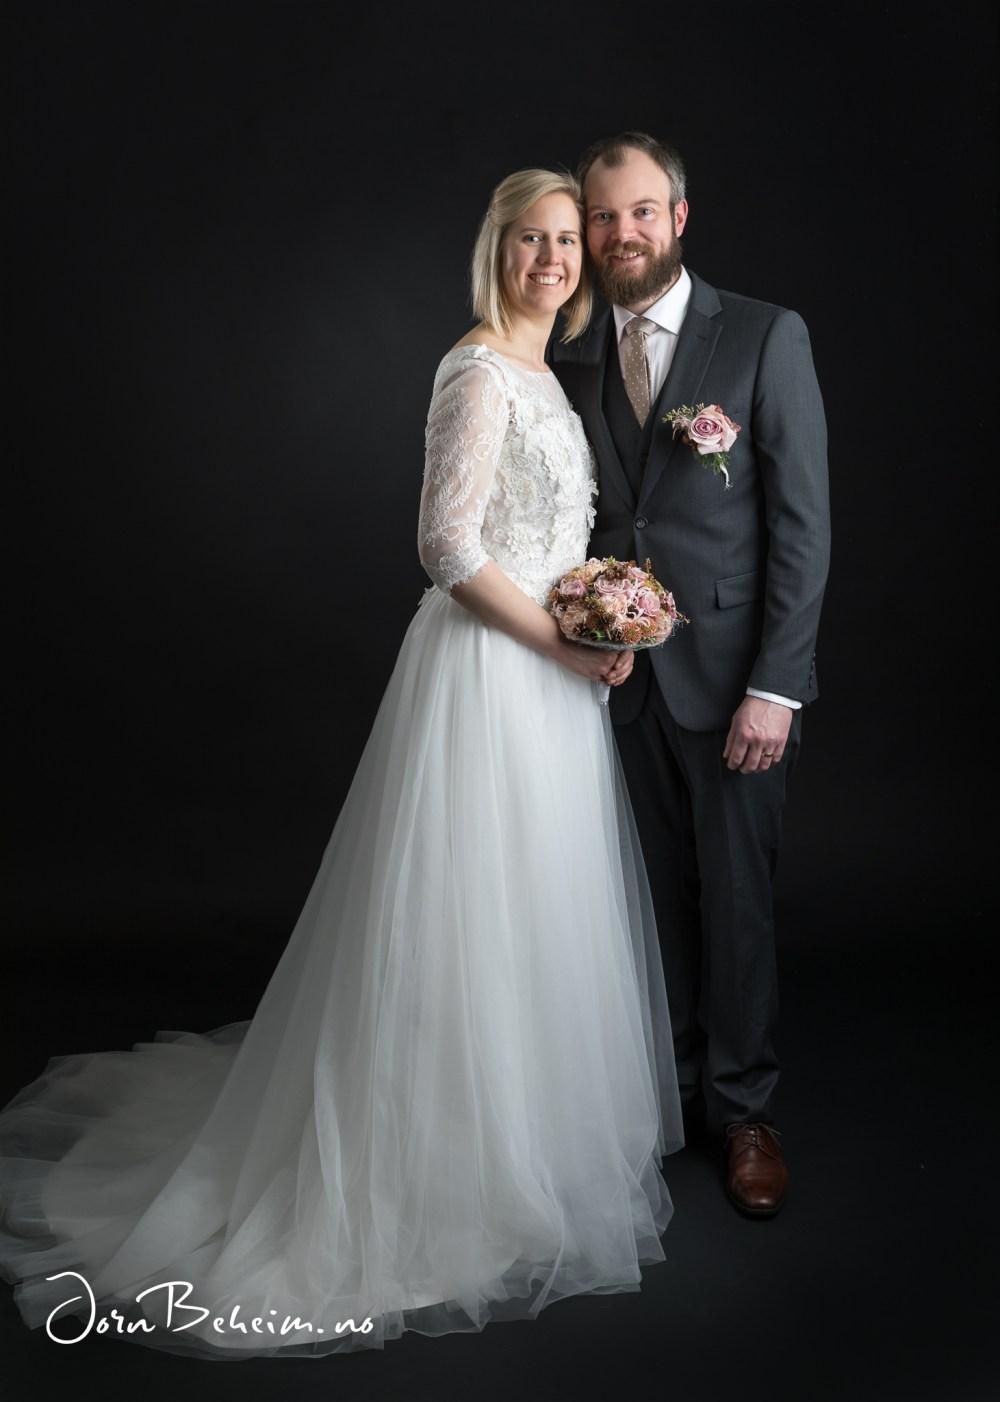 Bryllupsbilder i studio